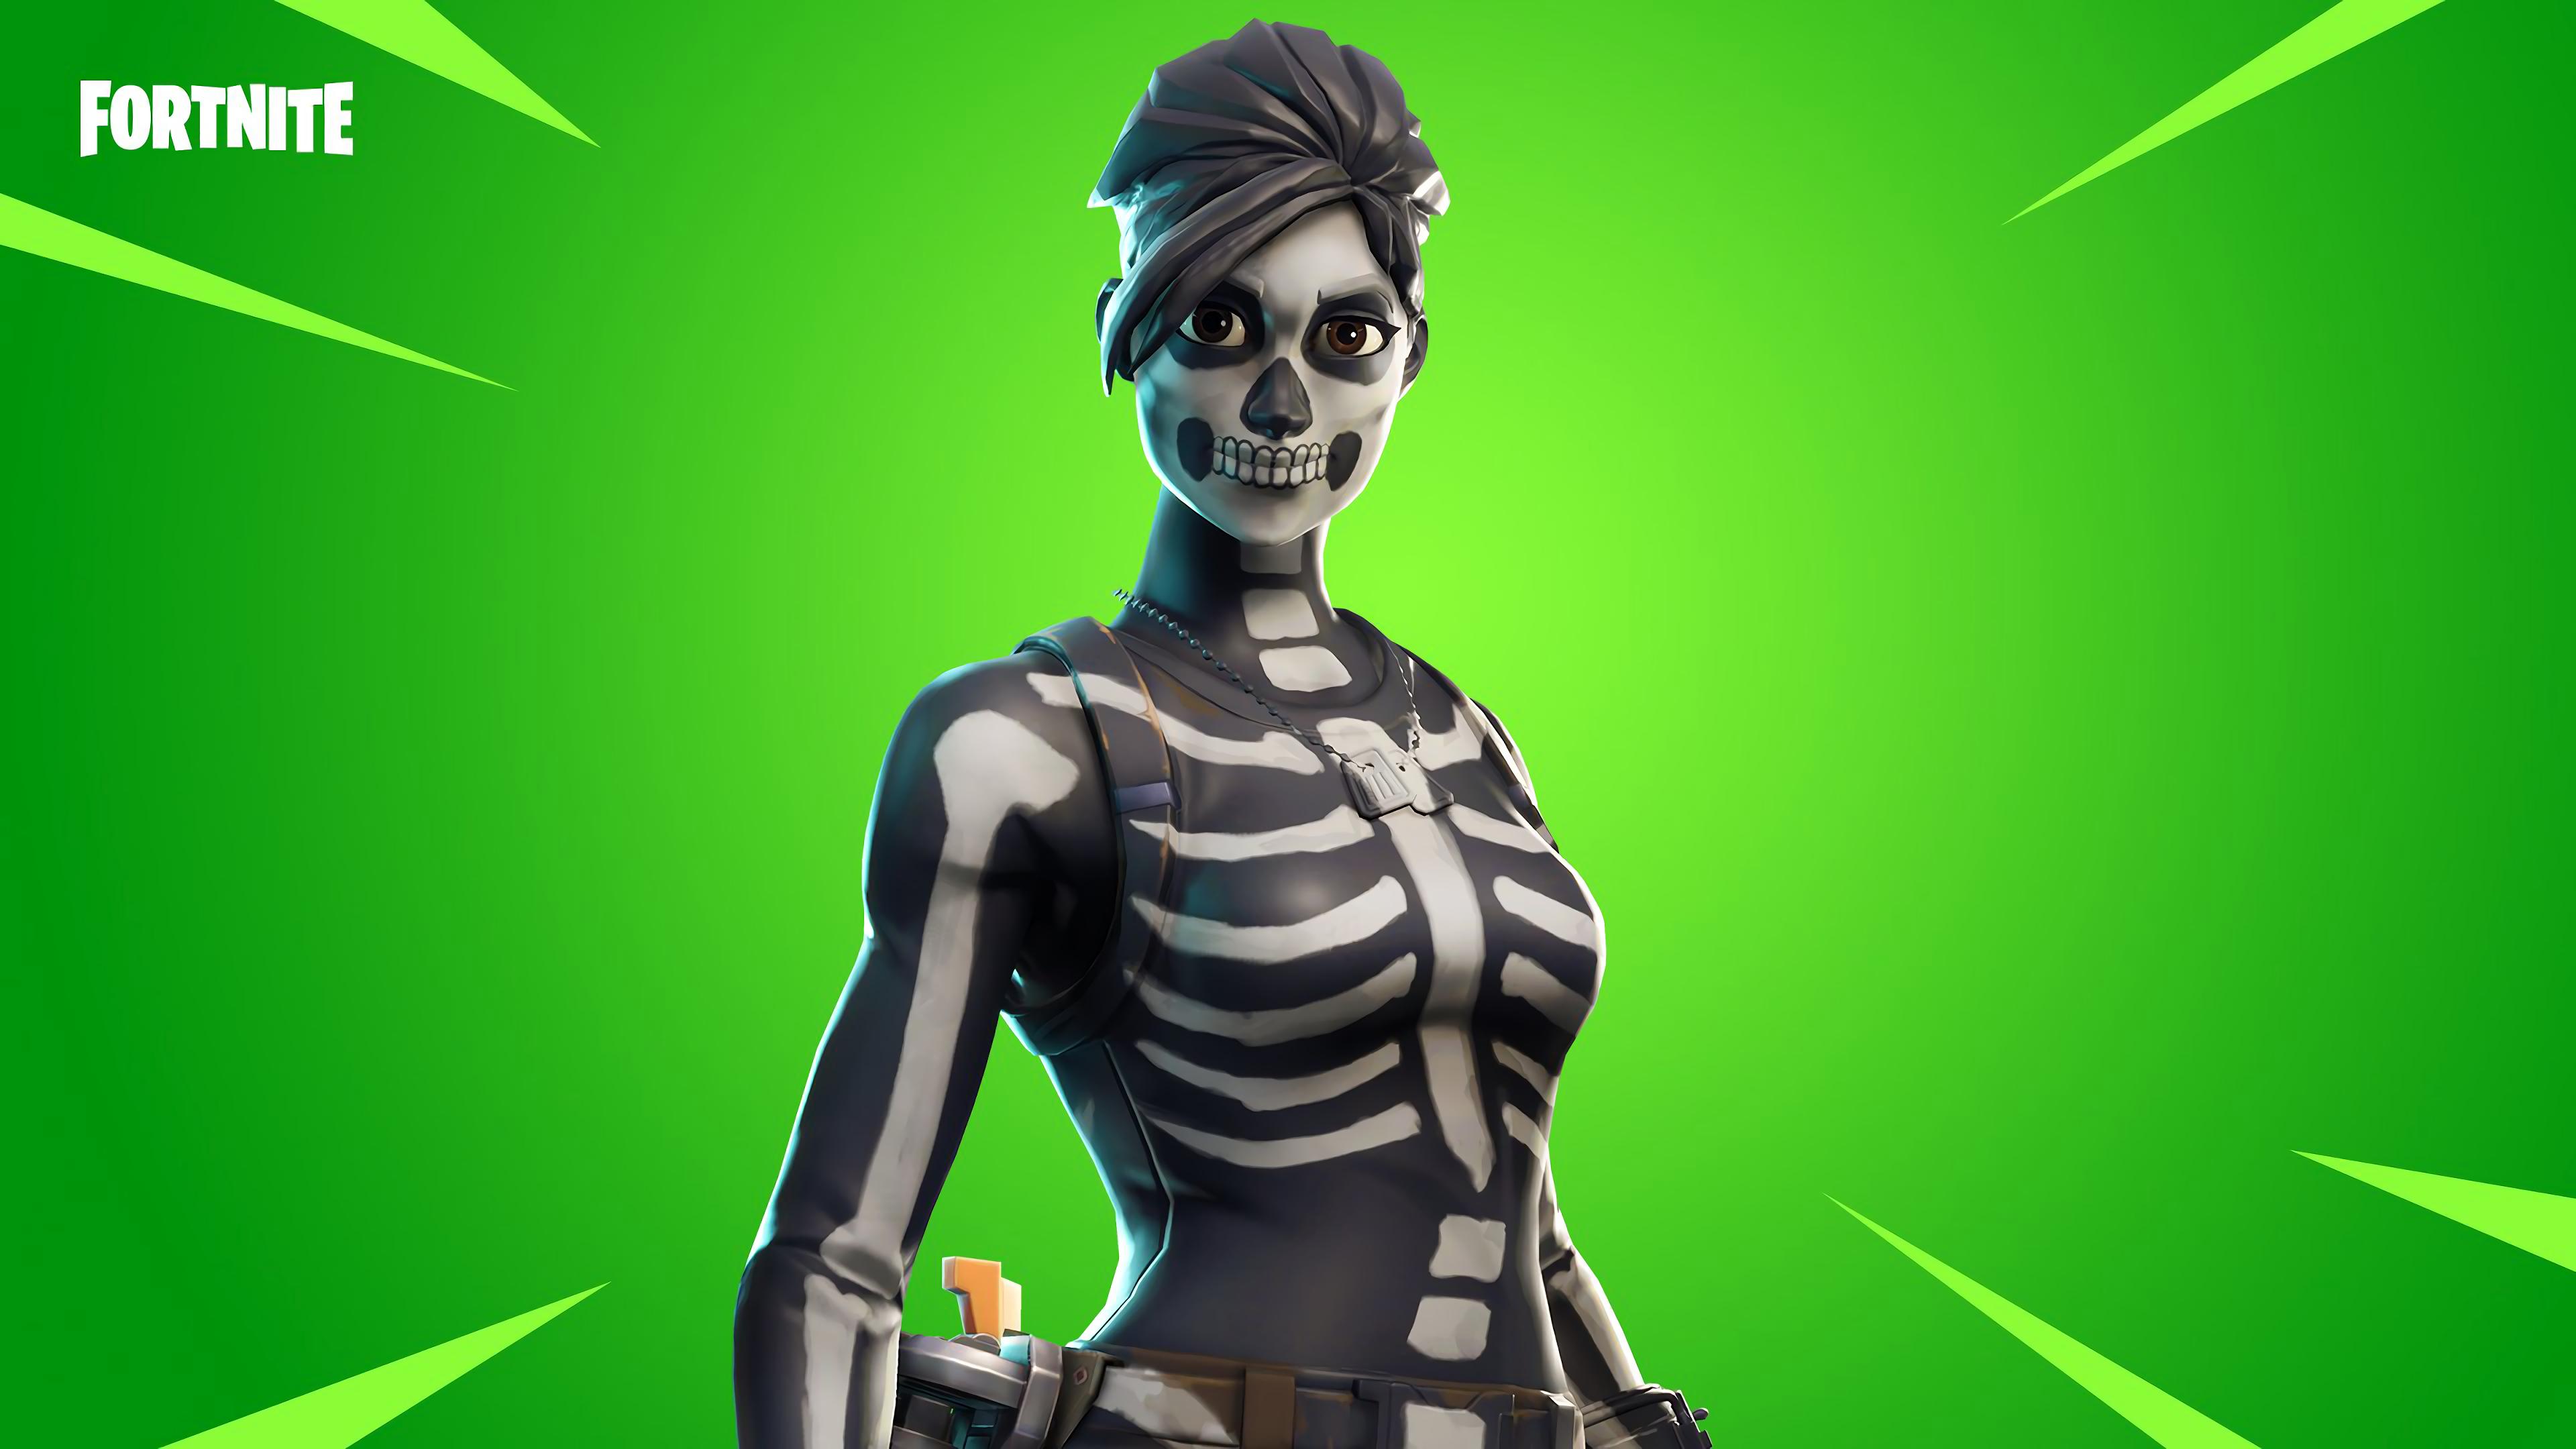 fortnite femake skull ranger outfit 4k 4329 wallpapers and 3840x2160 - star spangled ranger fortnite